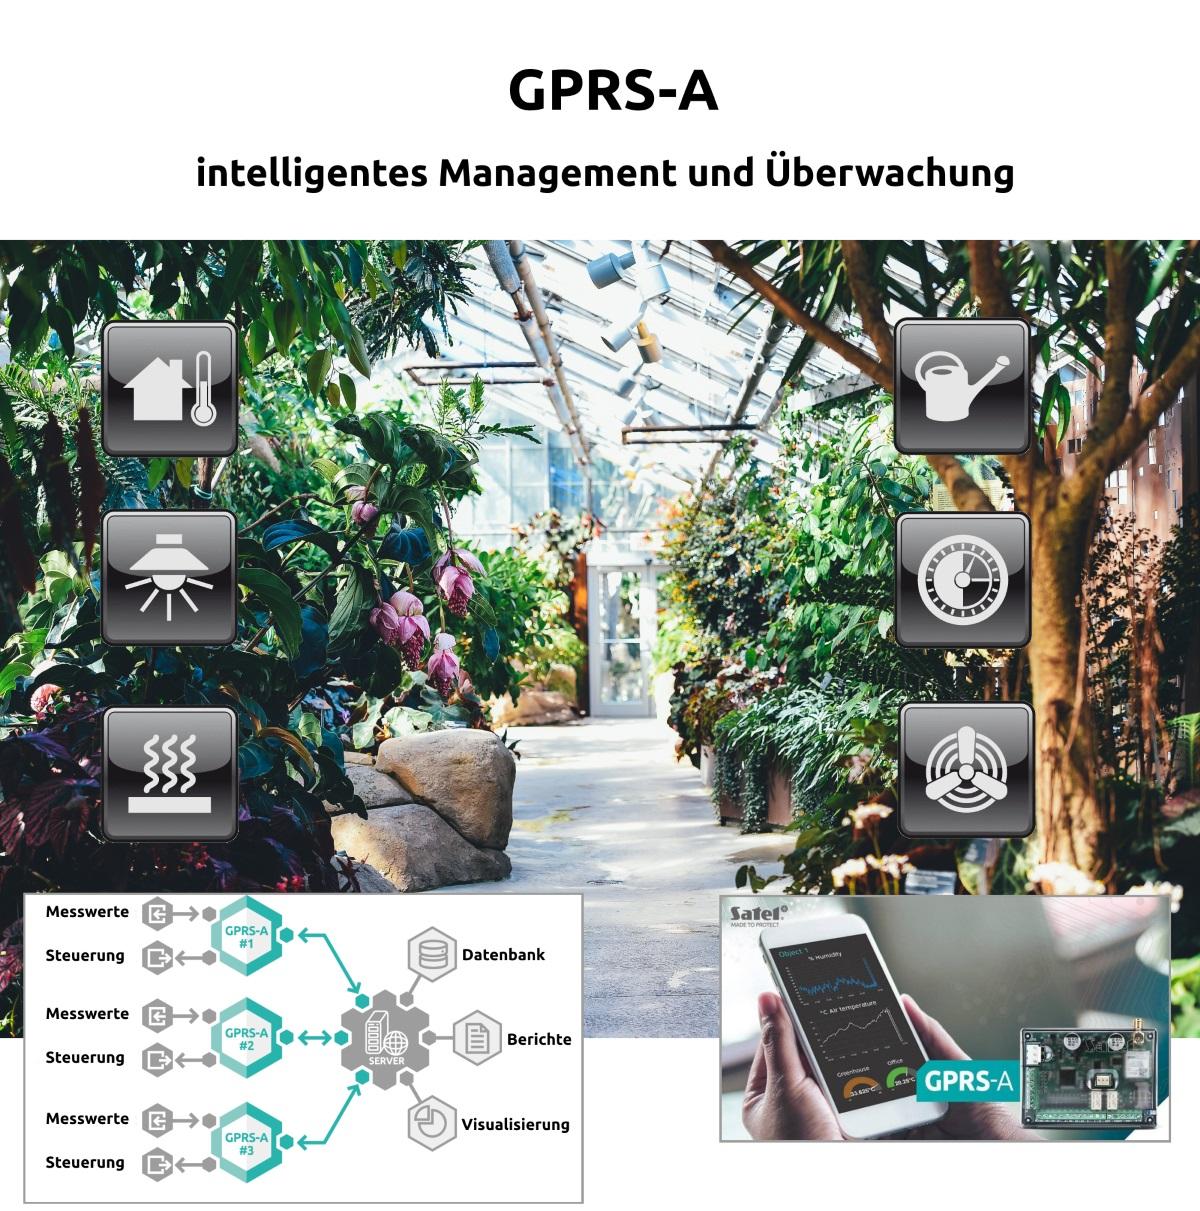 GPRS-A